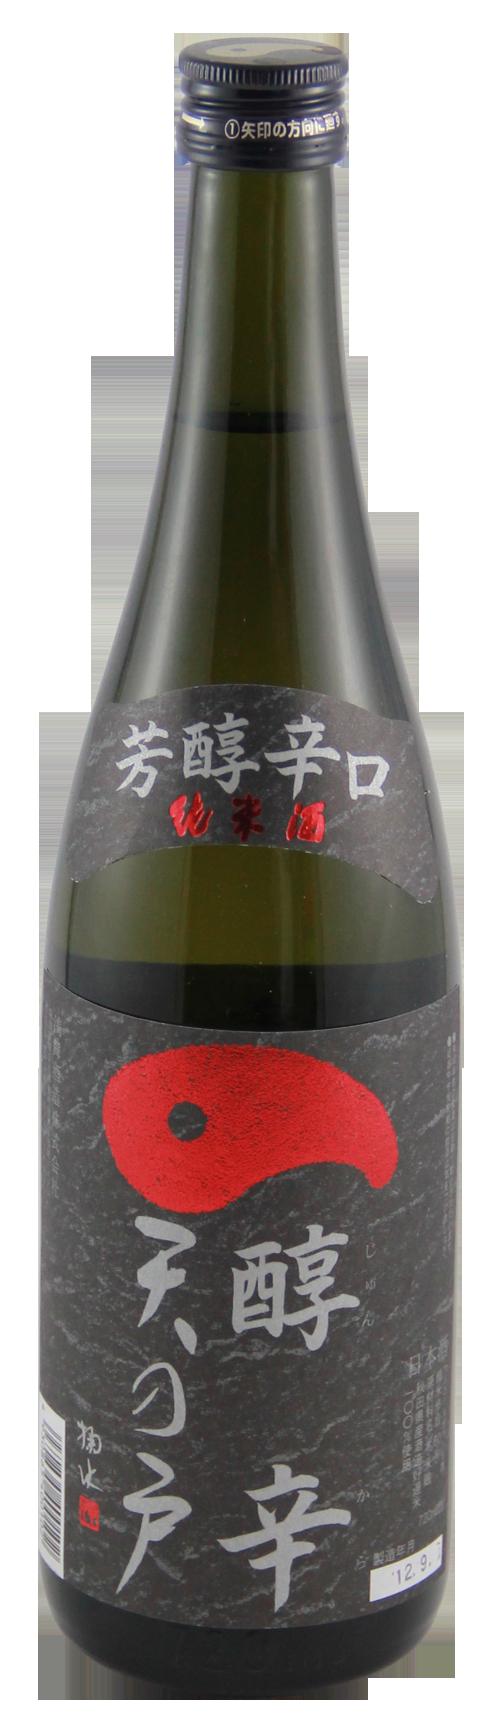 Amanoto Junkara Junmai Sake